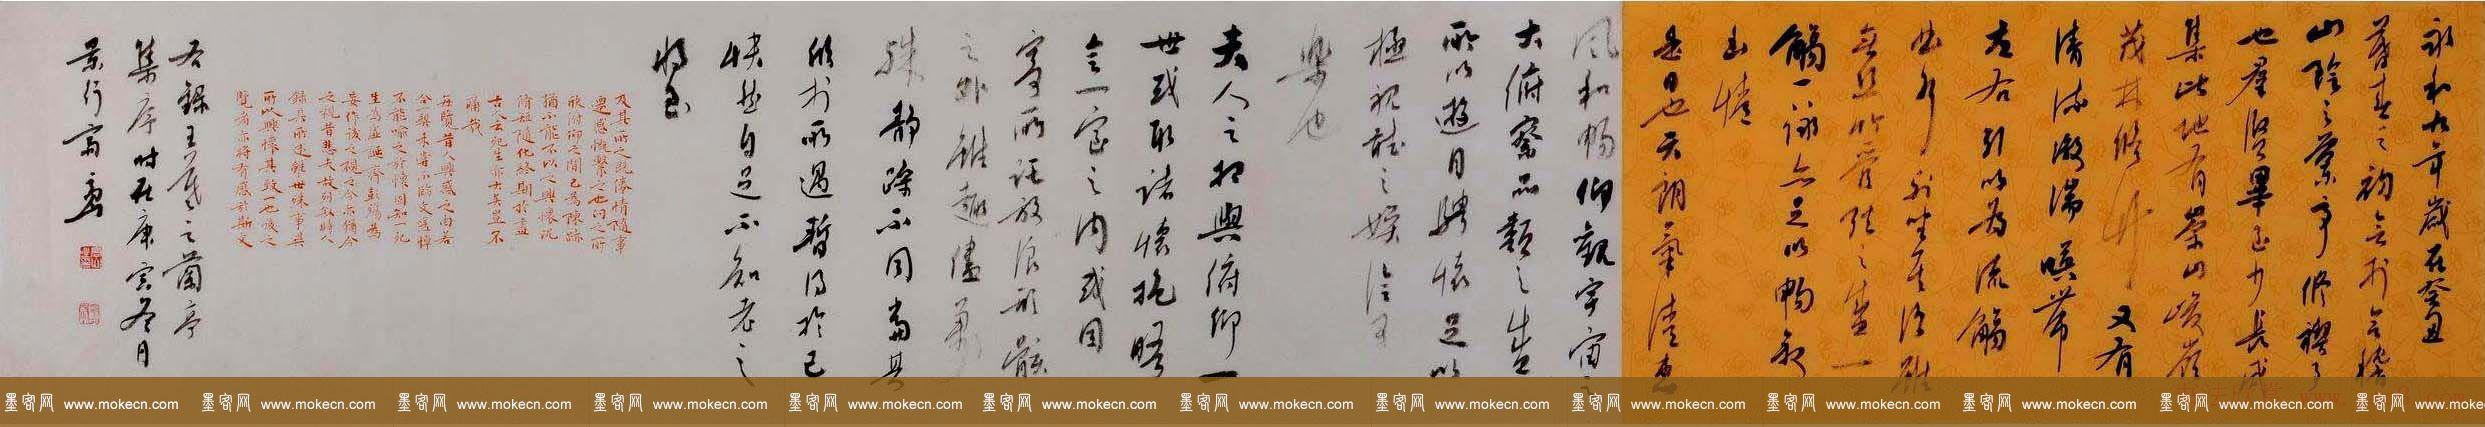 张高山书法録王羲之兰亭集序